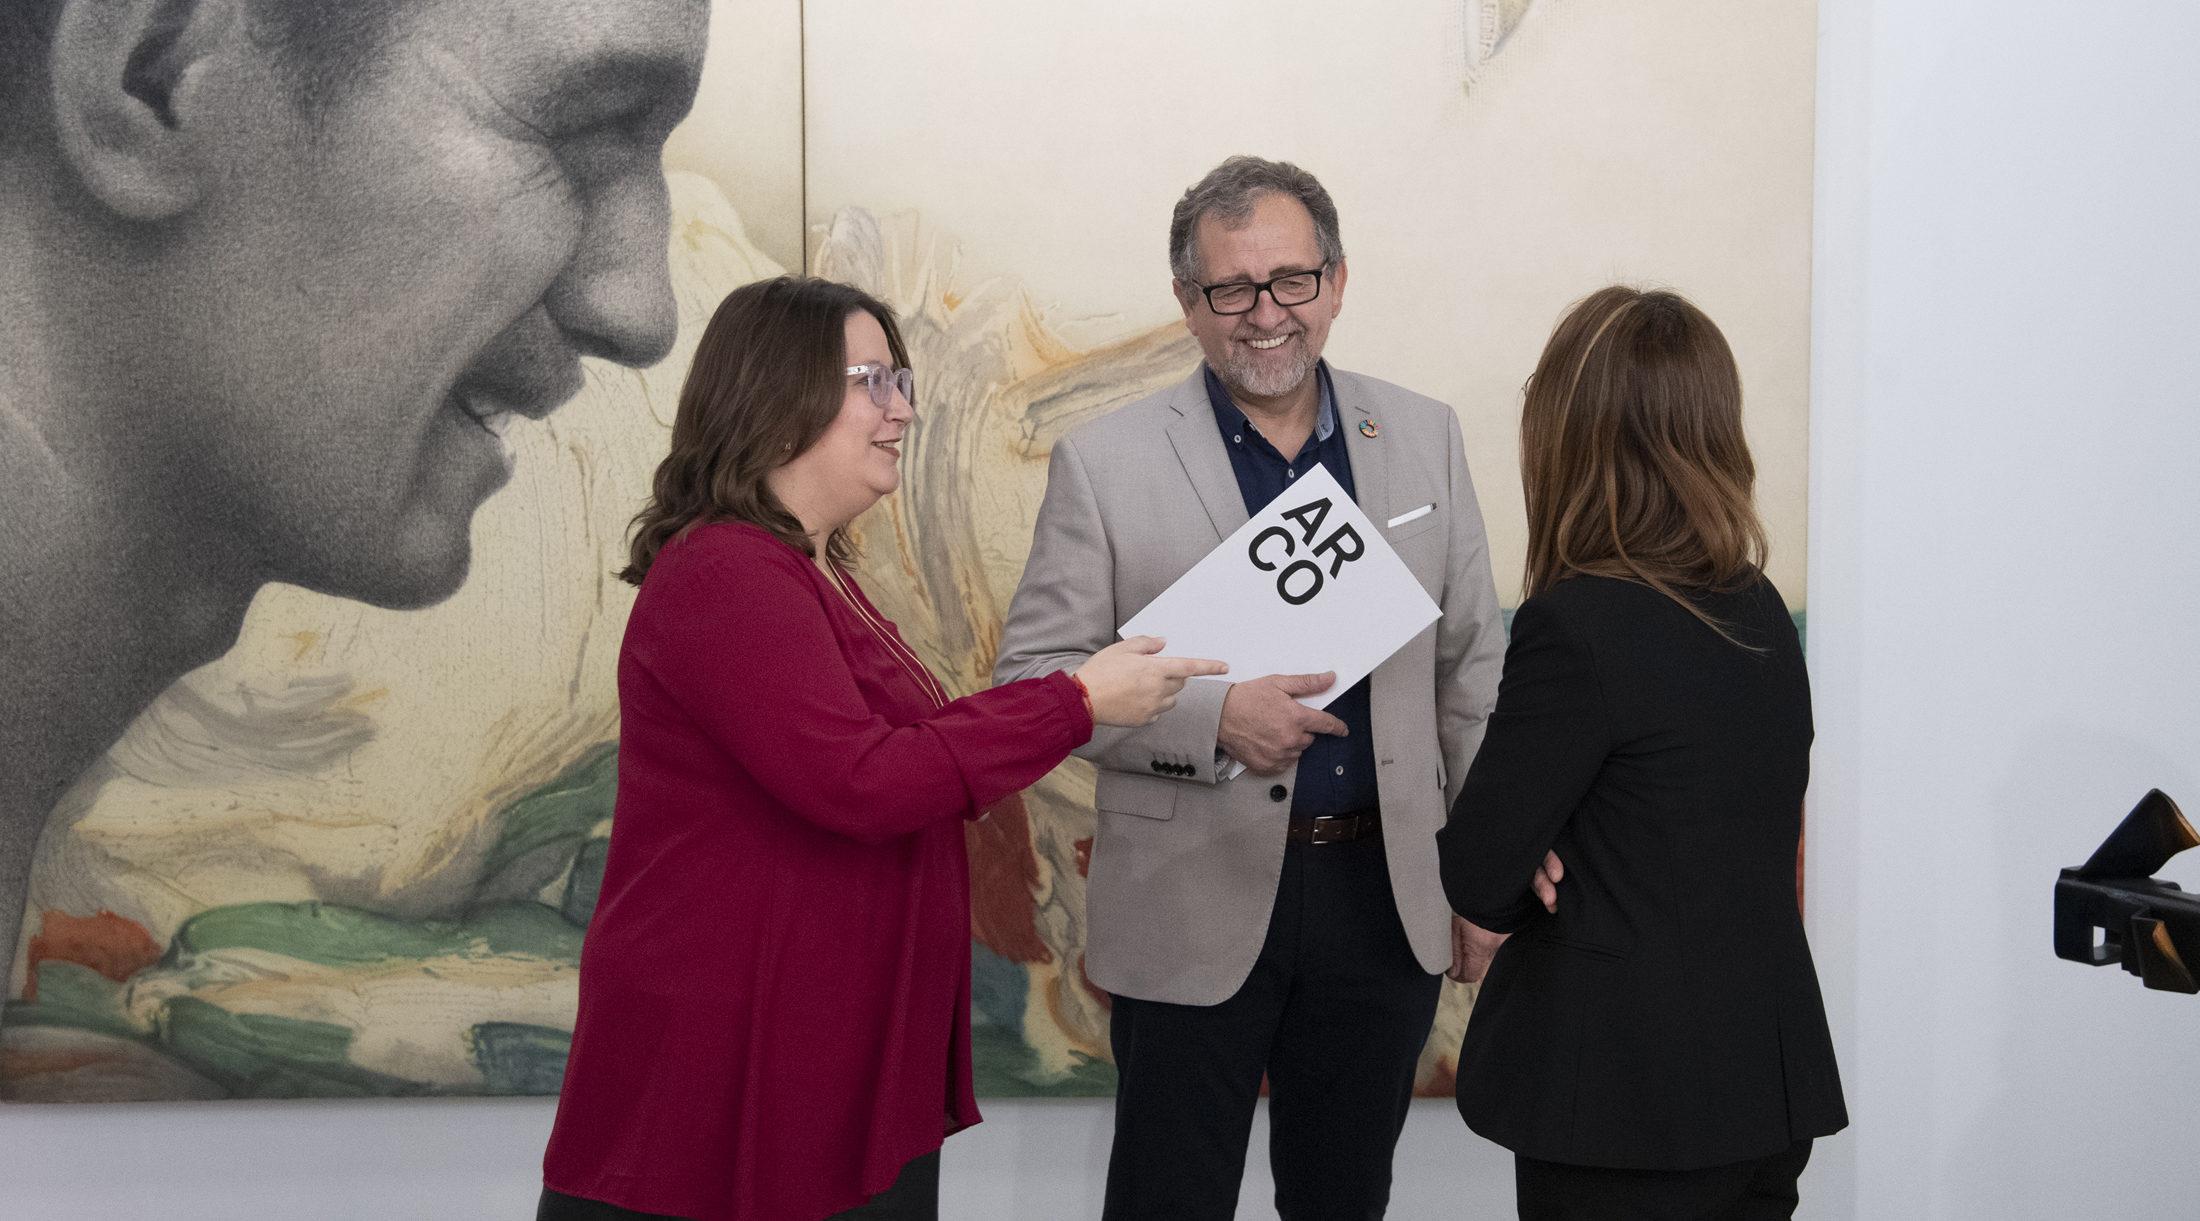 La Diputació amplia el fons artístic amb l'adquisició de huit obres d'art contemporani